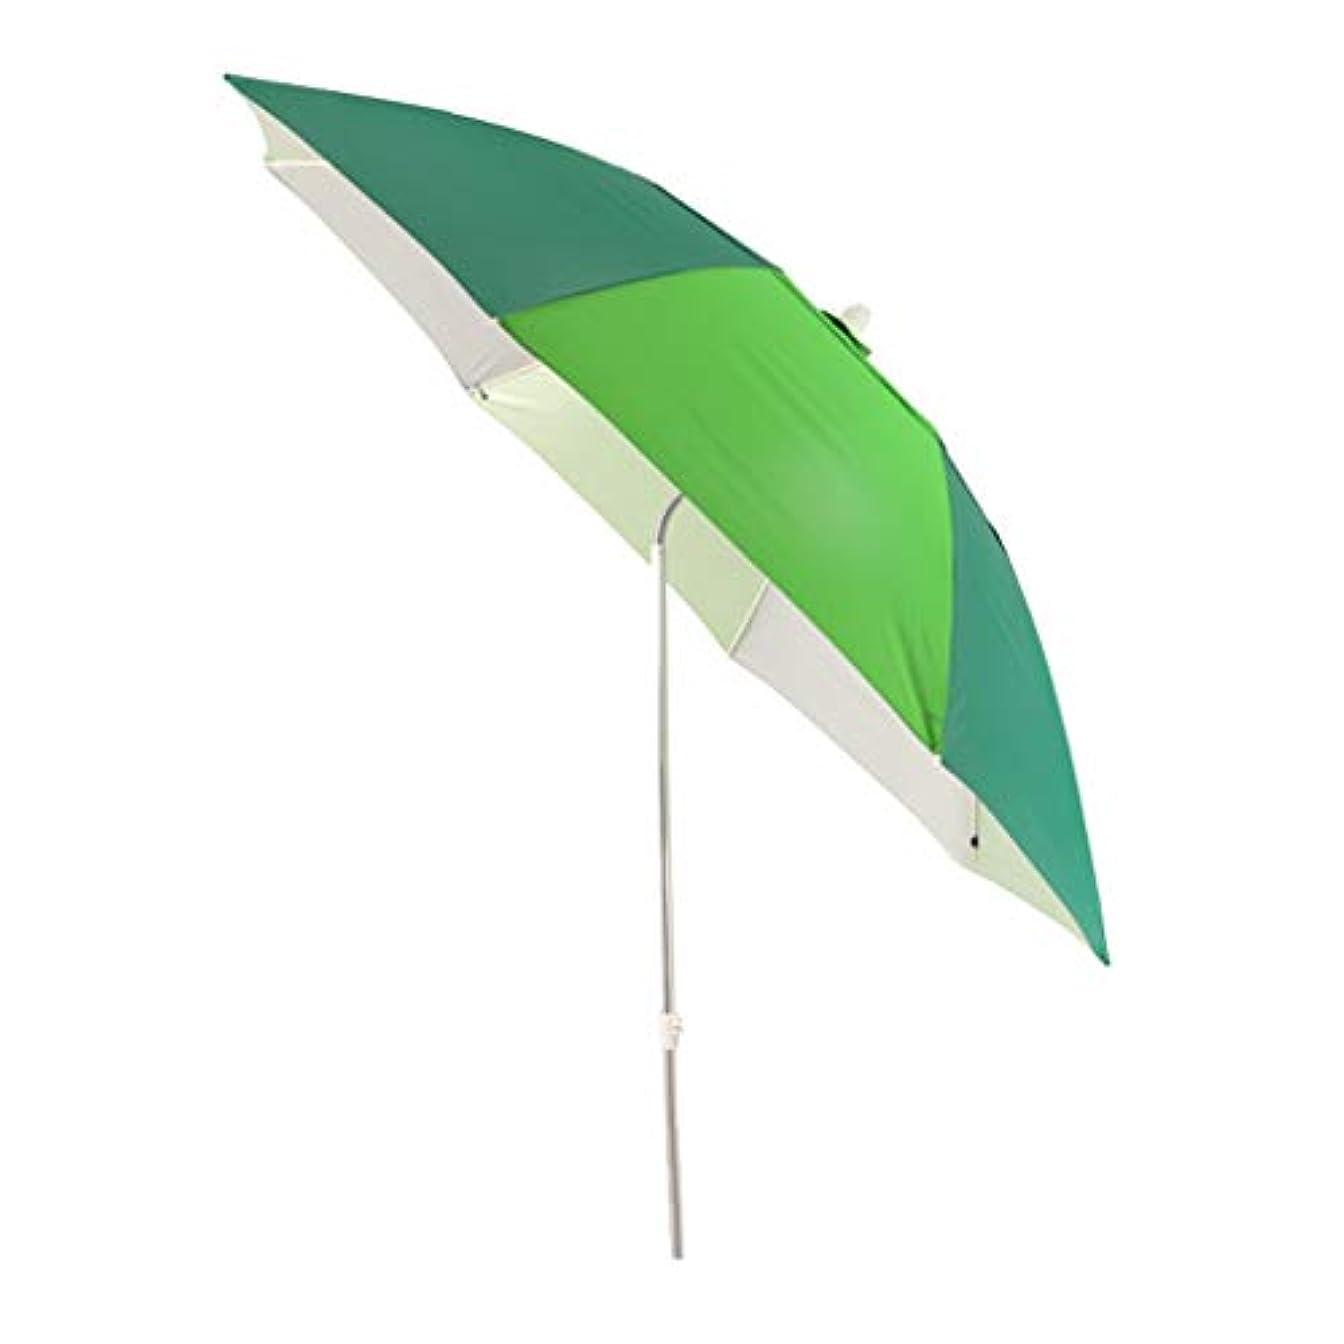 ソフィーアルコール視力太陽傘アルミ合金オックスフォード回転日焼け止め雨折りたたみ傘屋外サンシェード傘 (サイズ さいず : Diameter1.8m)